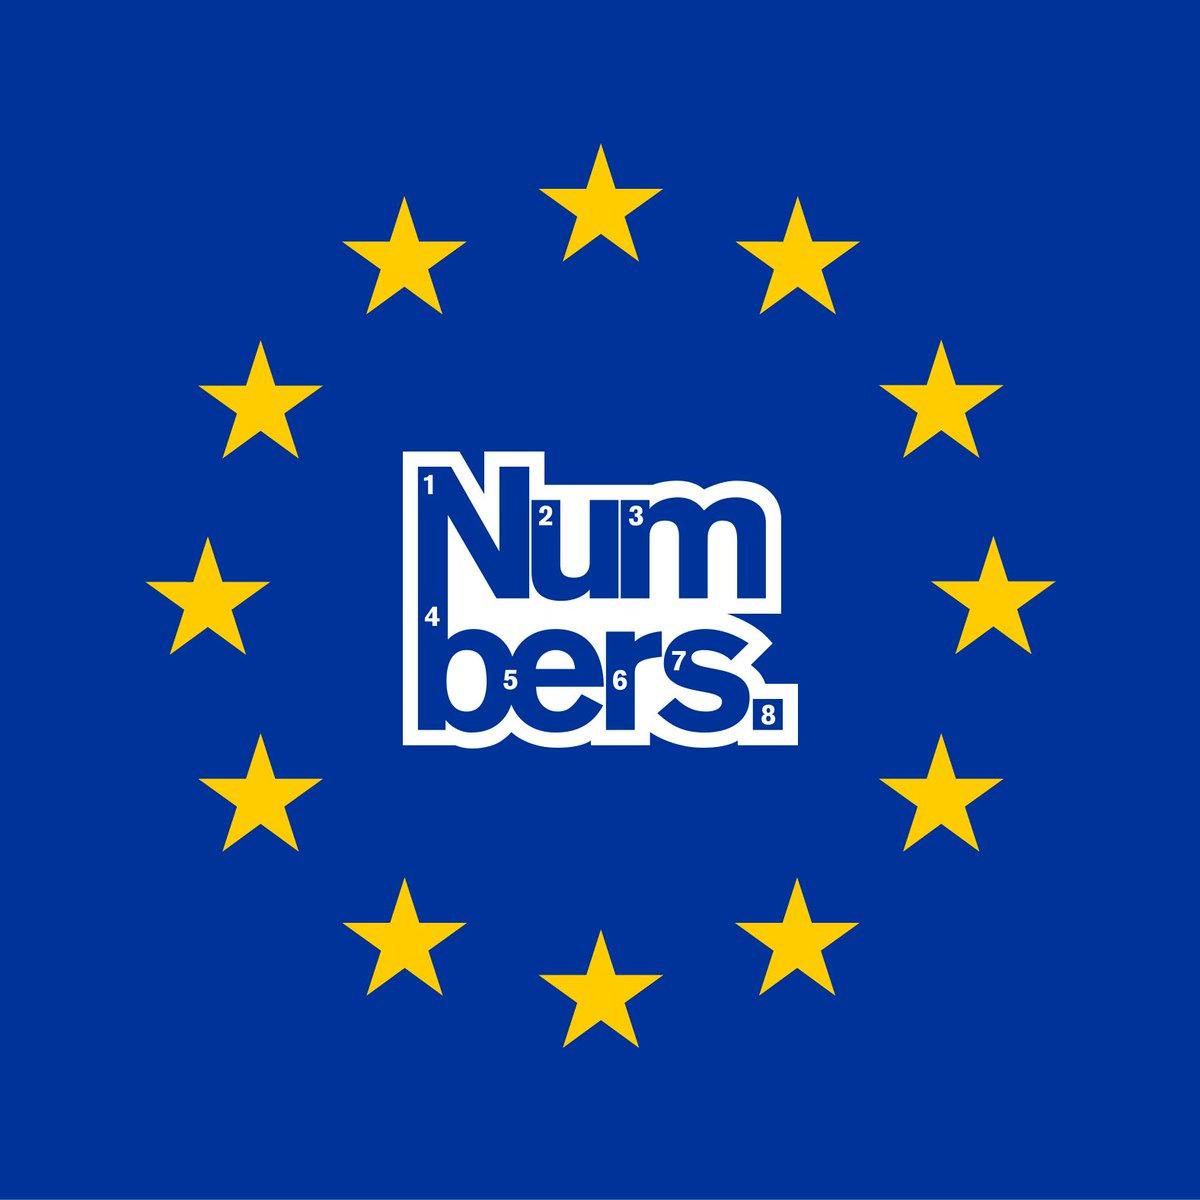 Please make time to vote today TECHNO NEEDS EU https://t.co/SjMxcIYatC